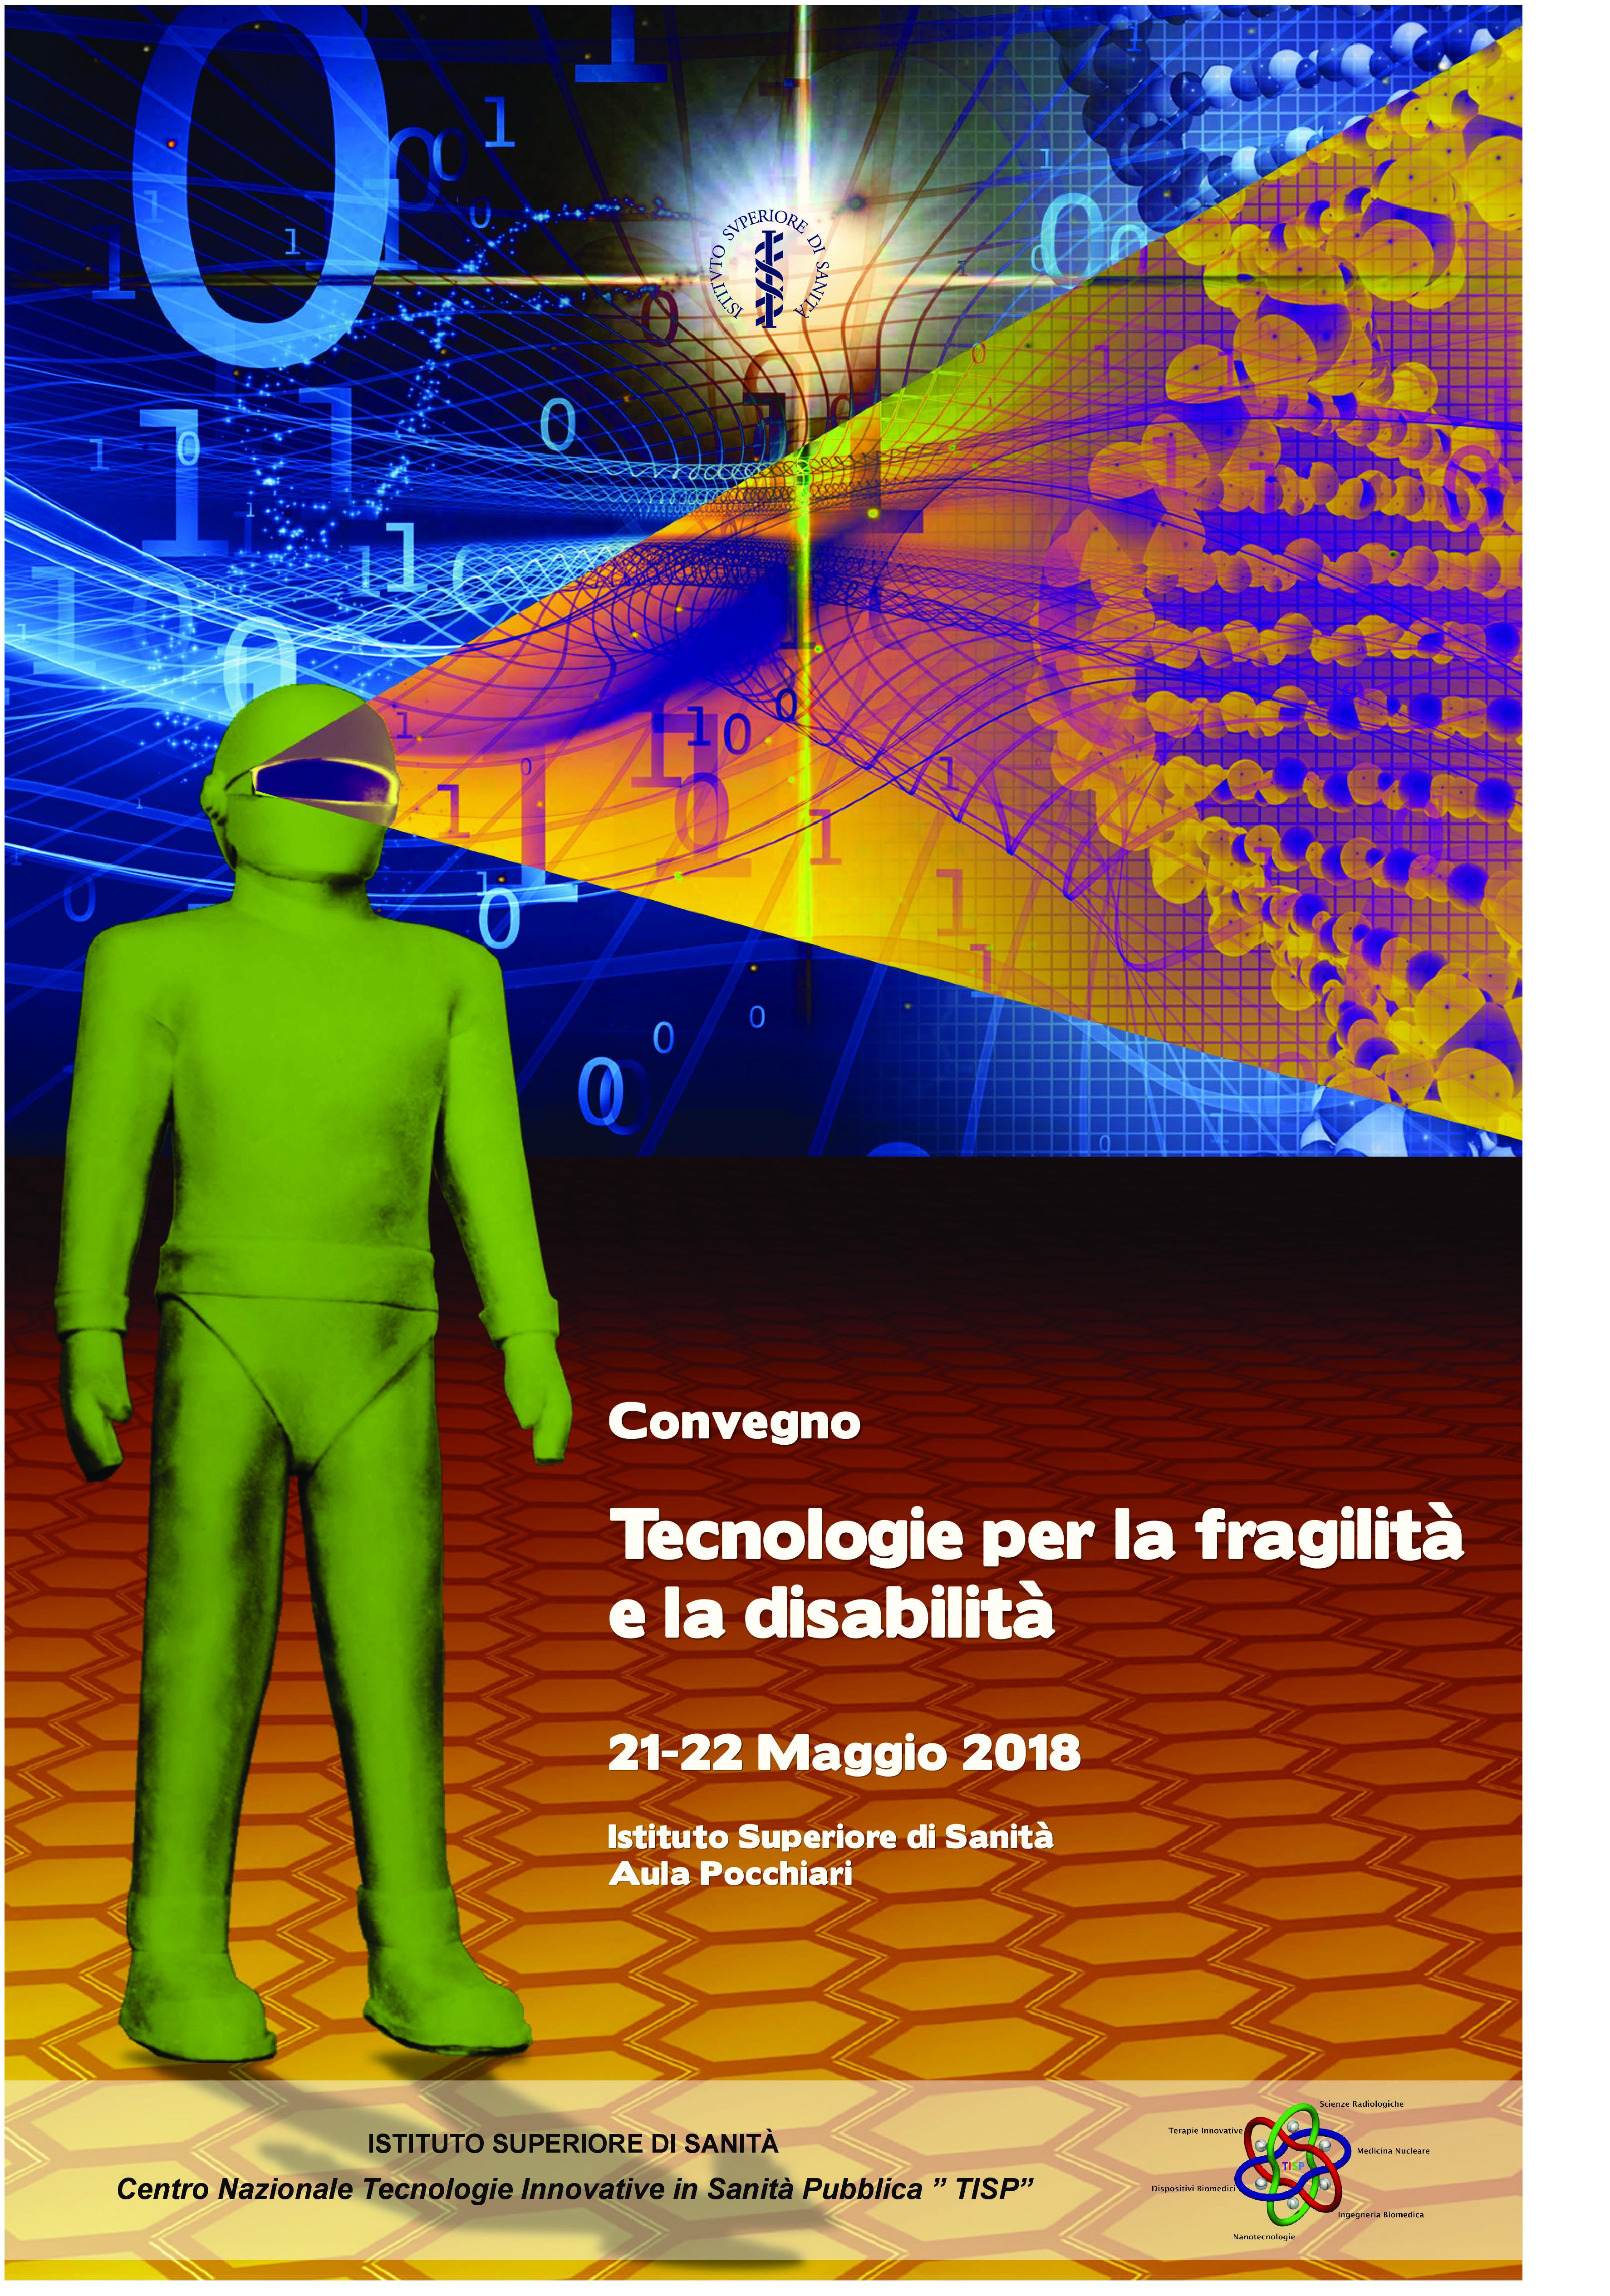 Convegno  – Tecnologie per la fragilità e la disabilità